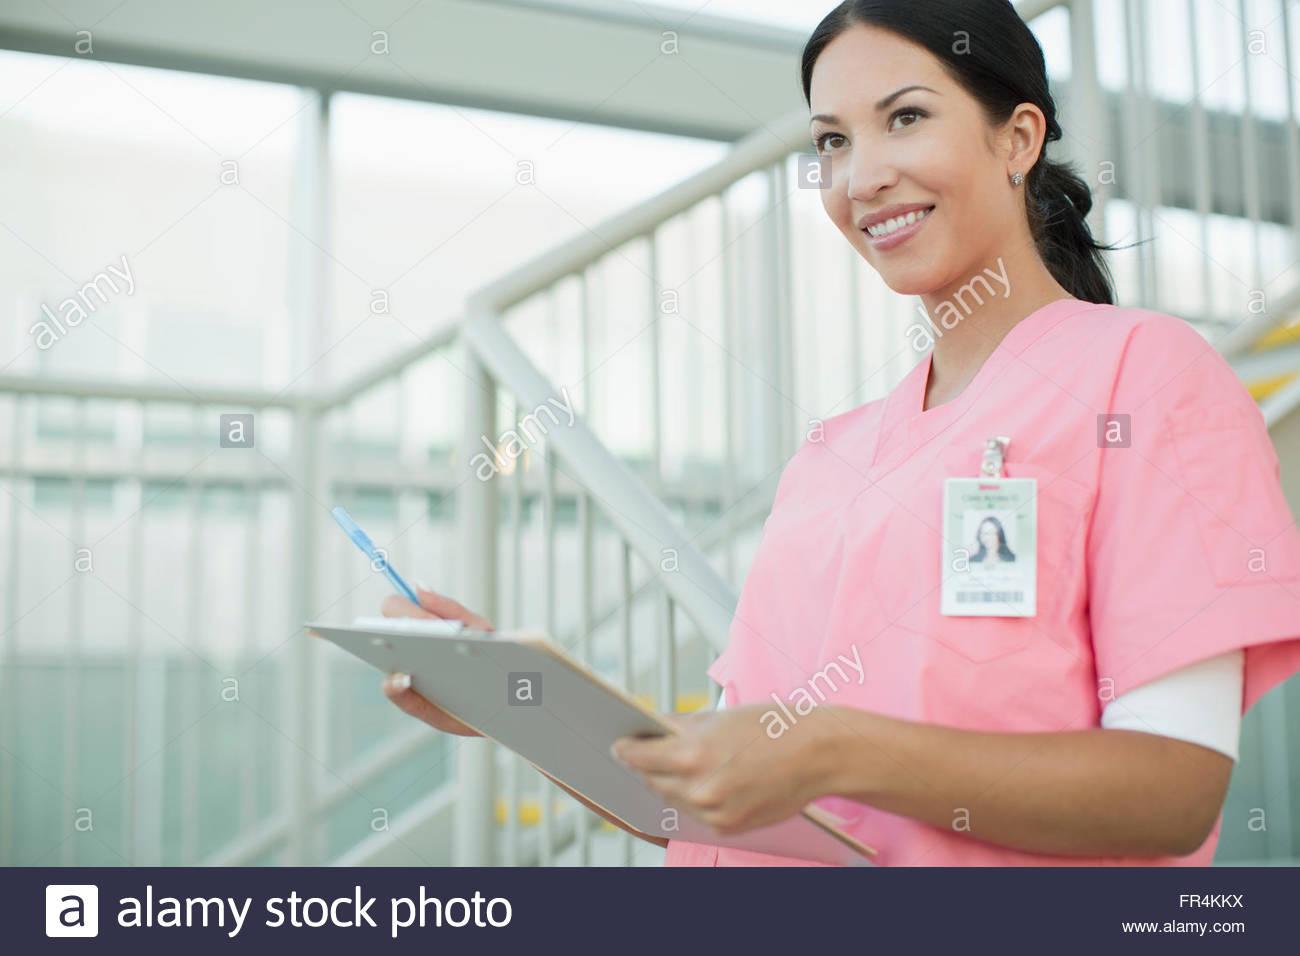 hübsche Krankenschwester stehend mit Diagramm in medizinischen Einrichtung Stockbild